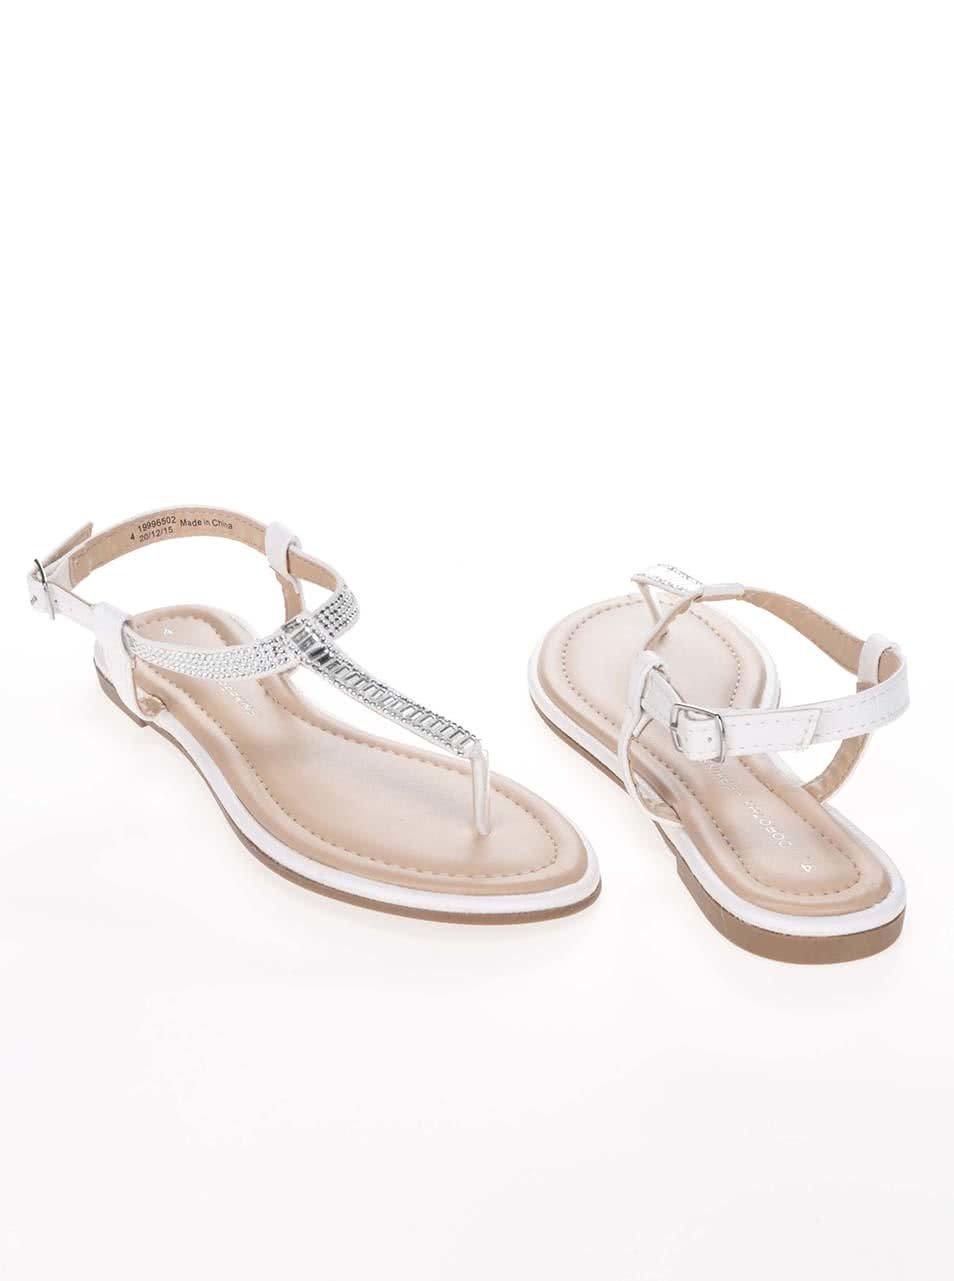 21693c7f34d3 Krémovo-biele sandále s kamienkami v striebornej farbe Dorothy Perkins ...